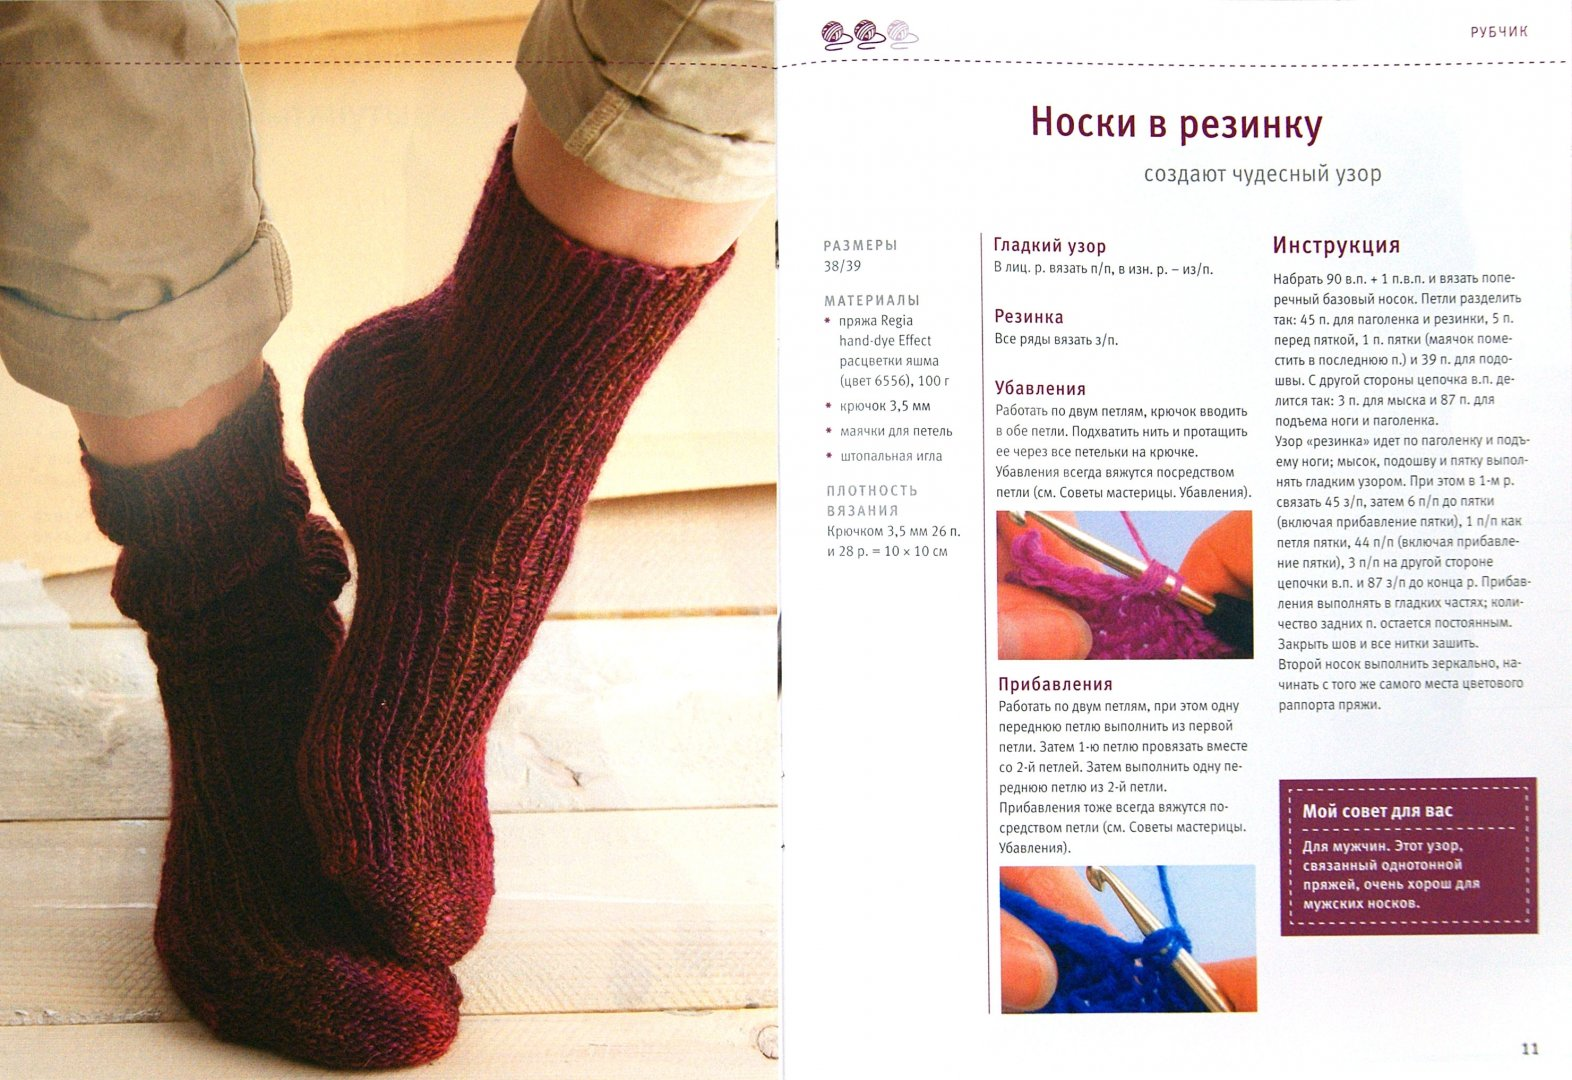 Иллюстрация 1 из 13 для Вяжем носки полустолбиками без накида - Таня Освальд | Лабиринт - книги. Источник: Лабиринт